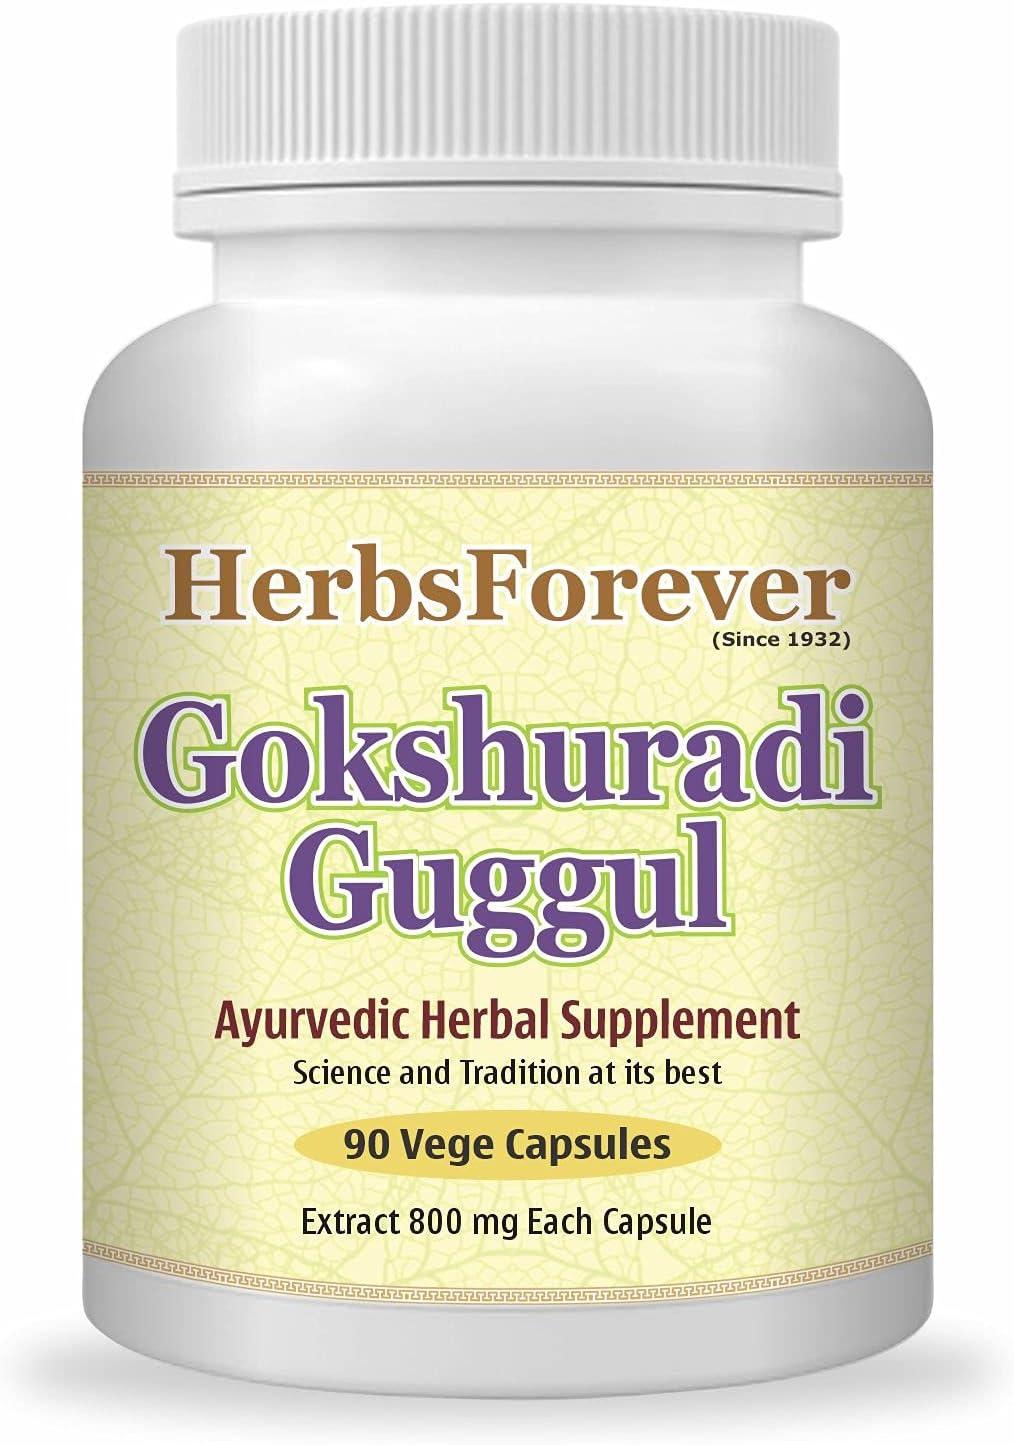 Gokshuradi Guggulu Ayurvedic Ancient Suppl Herbal Formulation Miami Mall Under blast sales